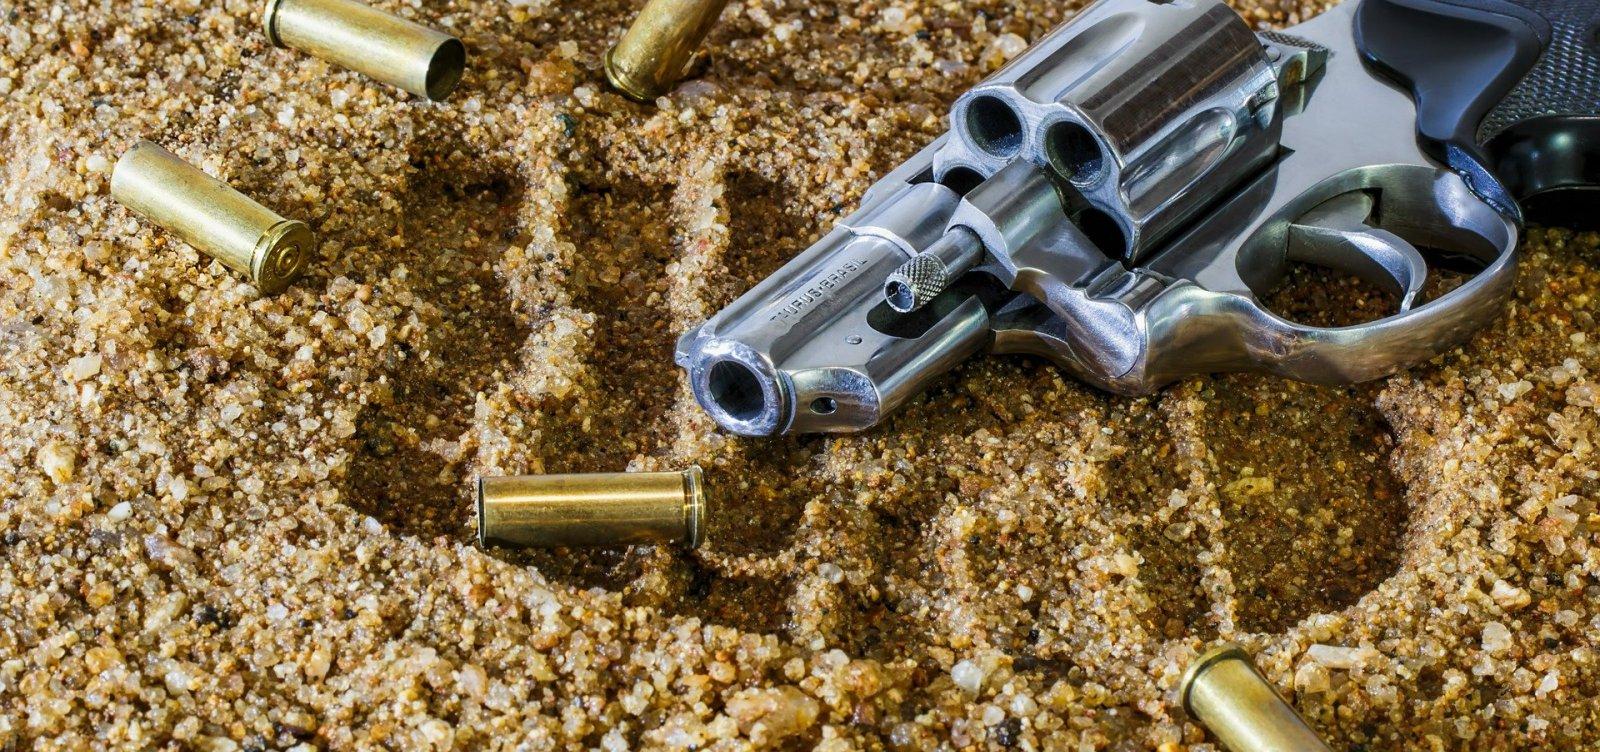 [Brasil tem alta de 4% no número de assassinatos nos primeiros nove meses do ano]